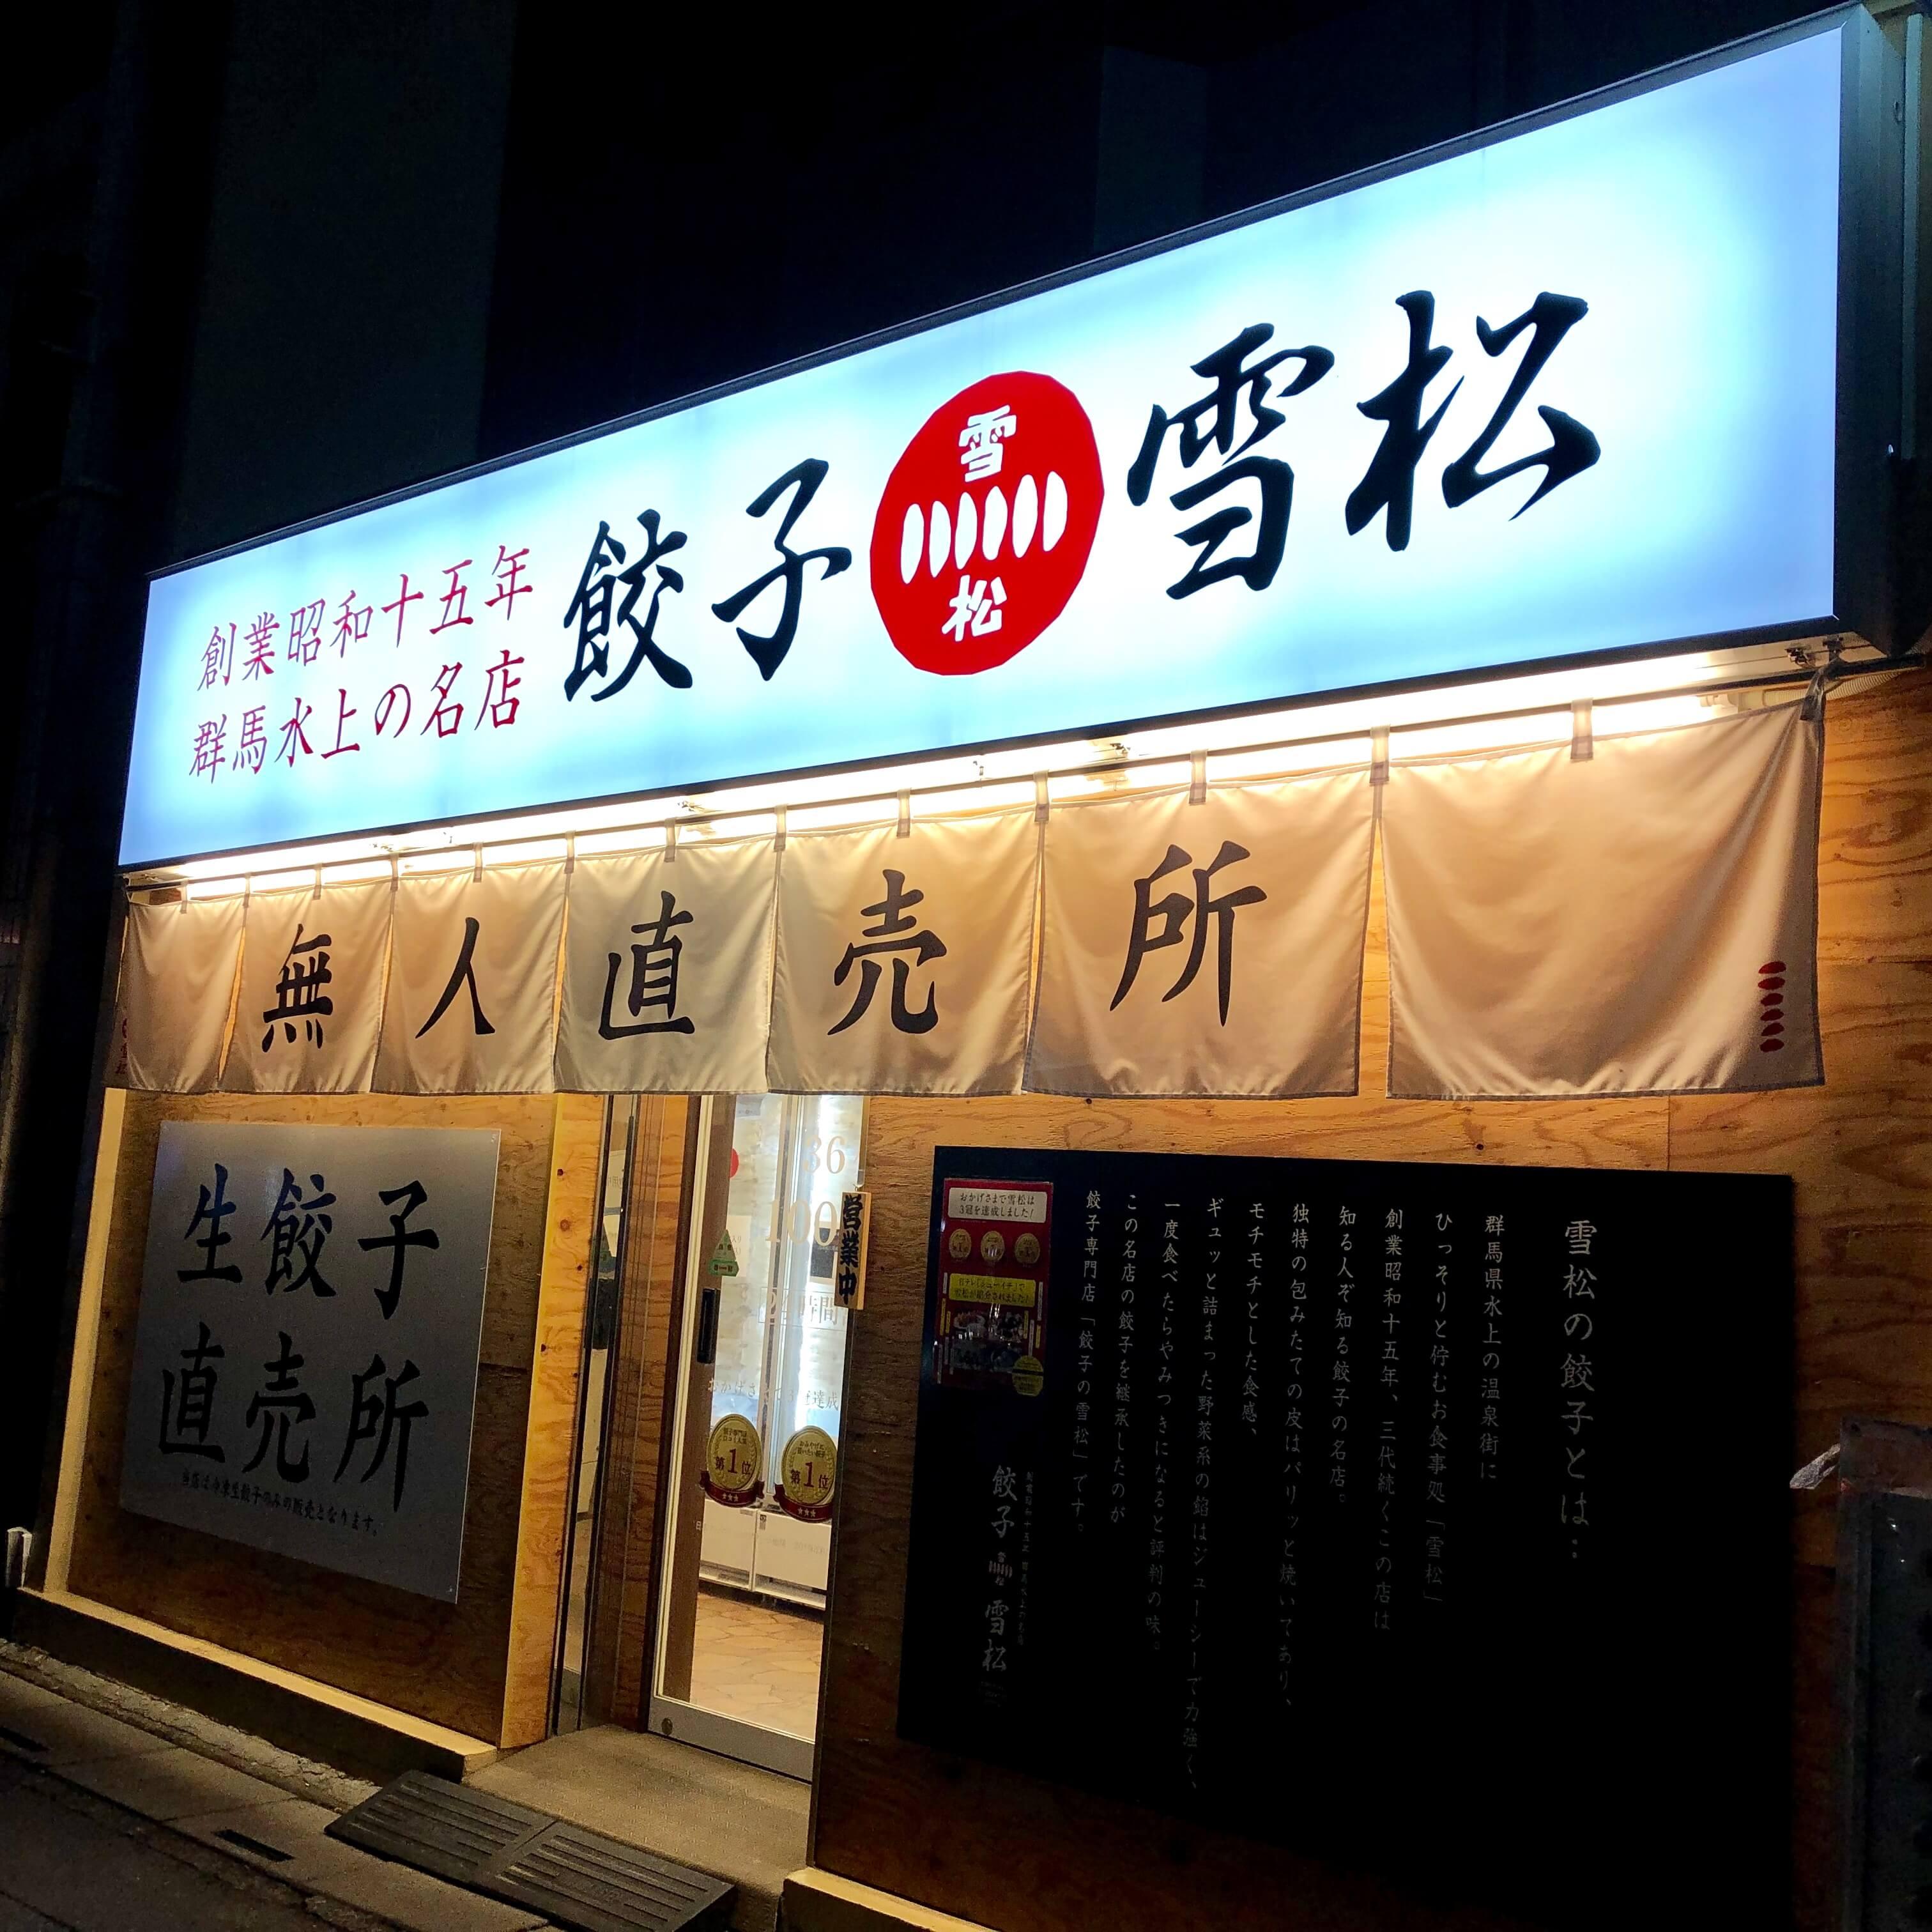 餃子の雪松がコロナ禍で大ブーム!?店舗が超スピードで増えている理由